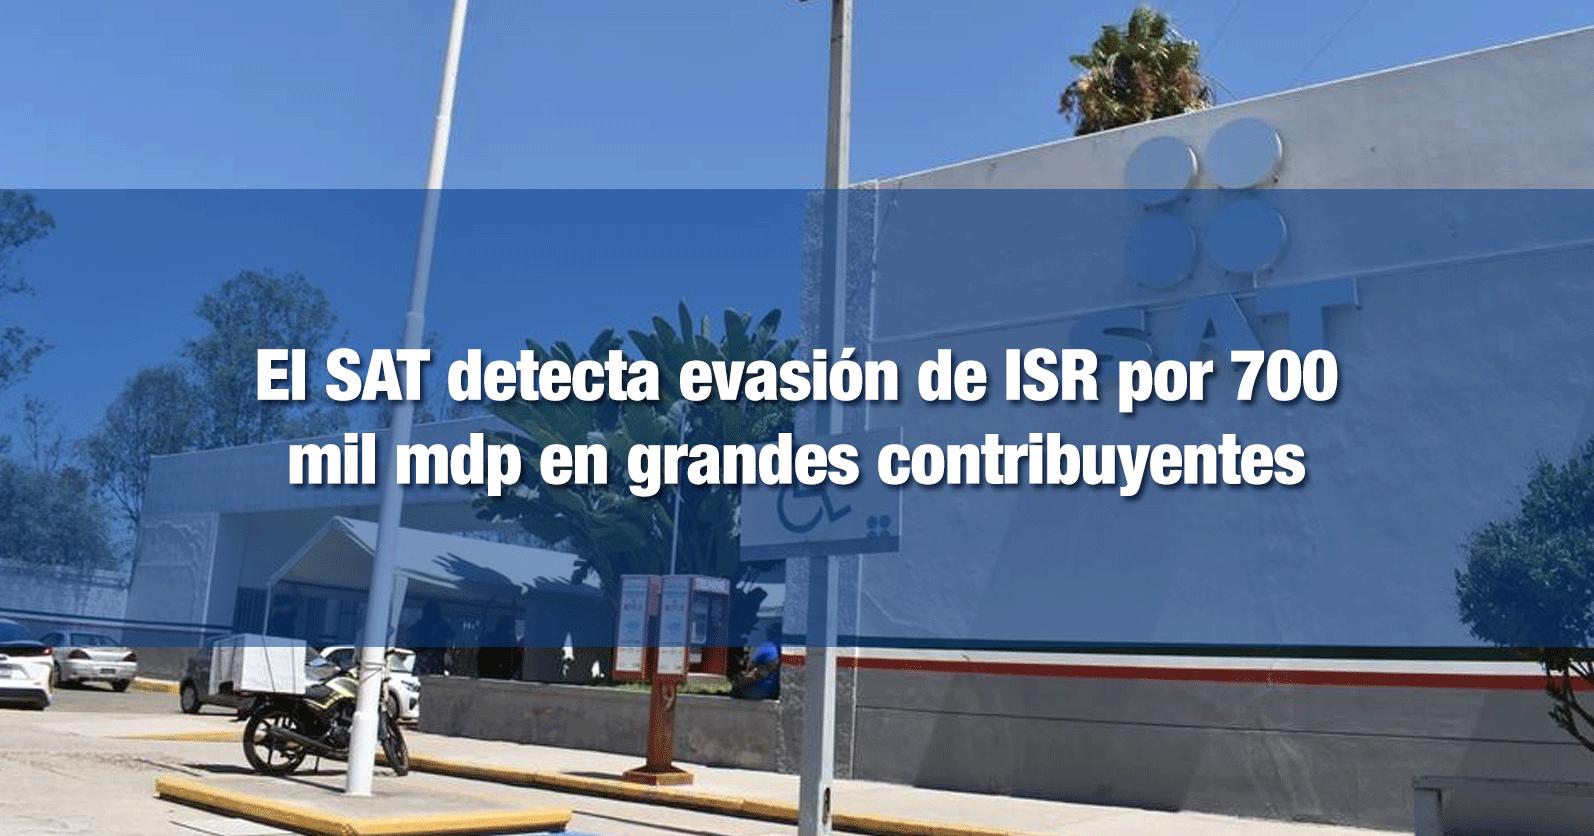 El SAT detecta evasión de ISR por 700 mil mdp en grandes contribuyentes